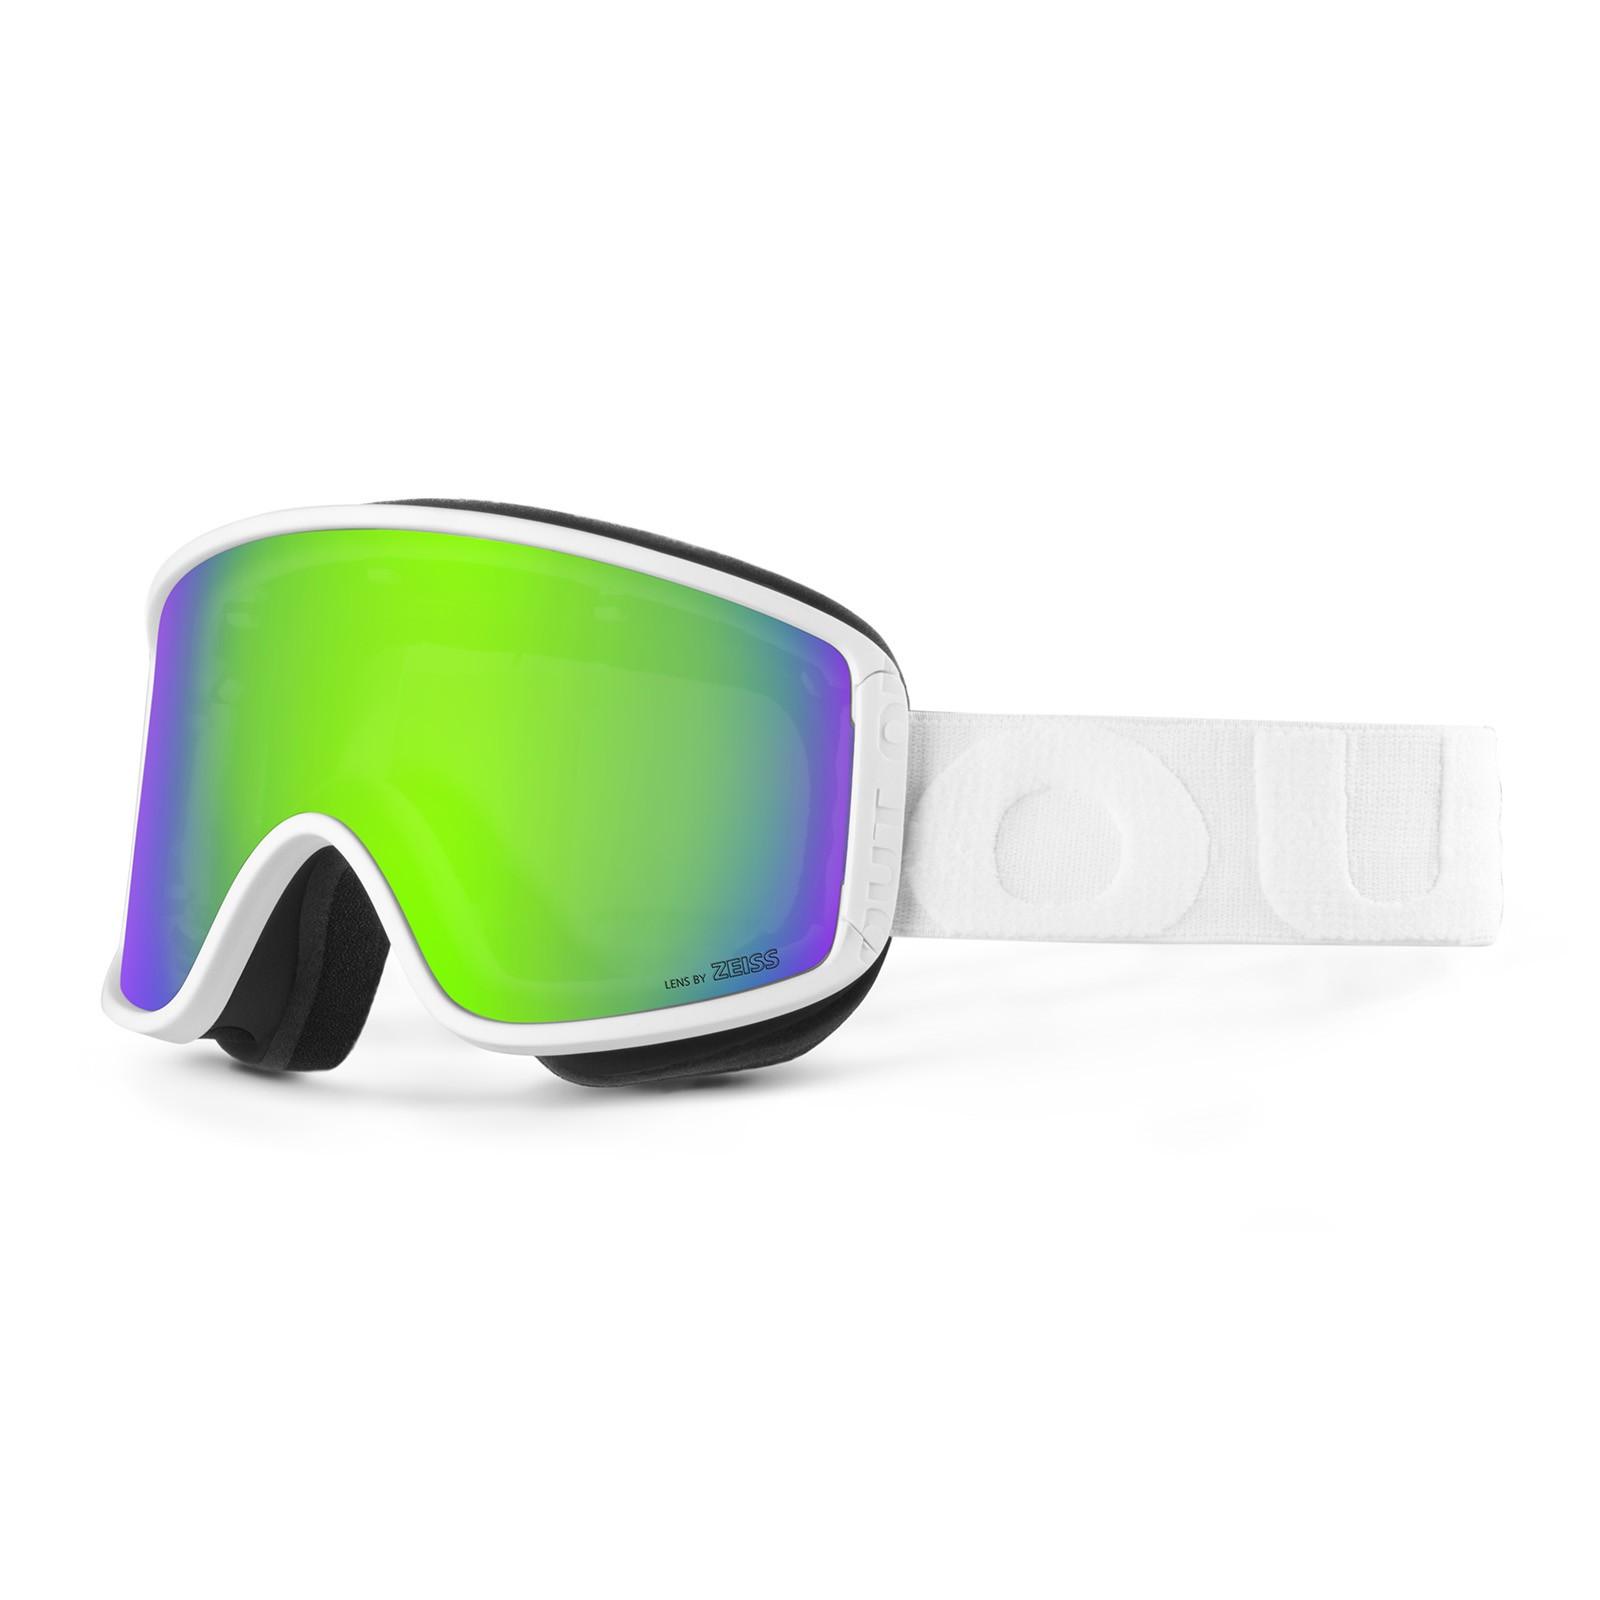 Shift White Green mci goggle